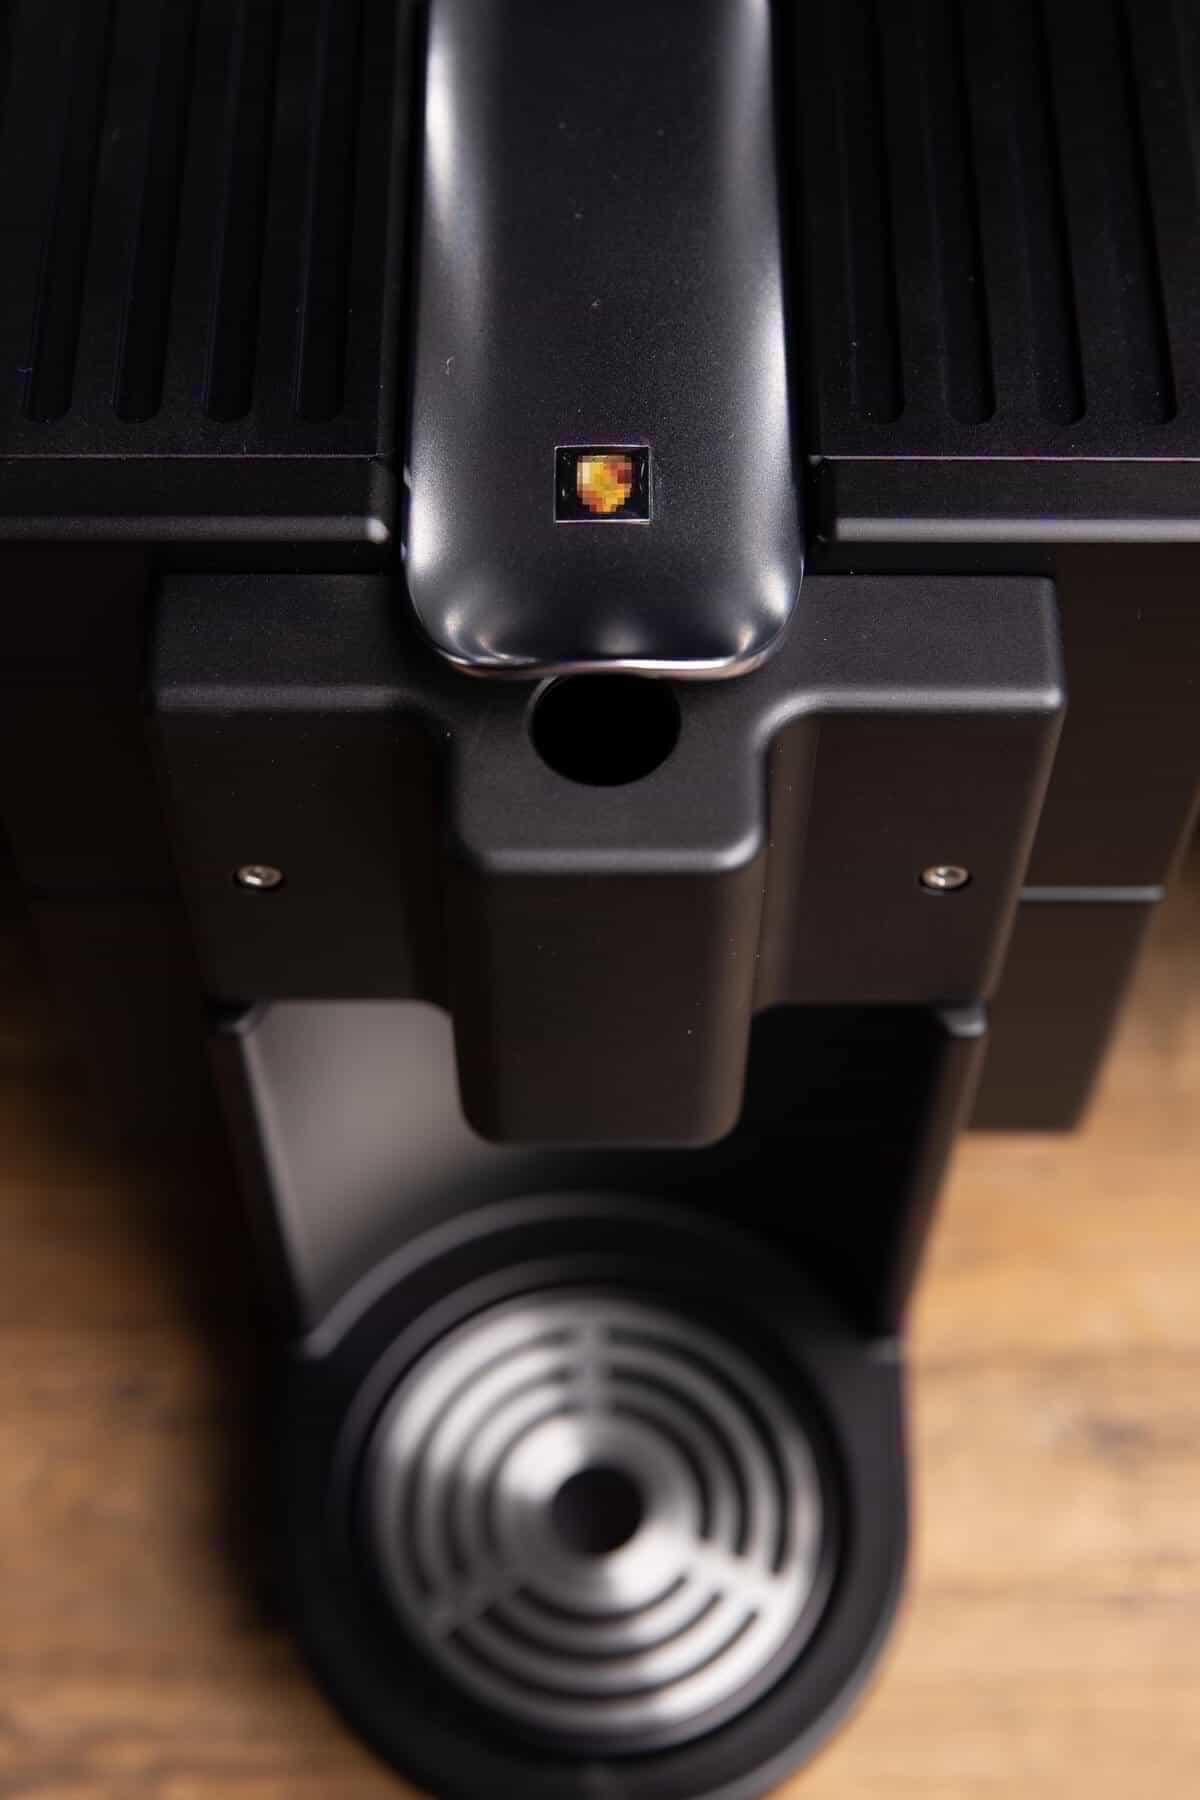 Super-Veloce-Porsche-RS-Black-Edition-Espresso-Maker-5